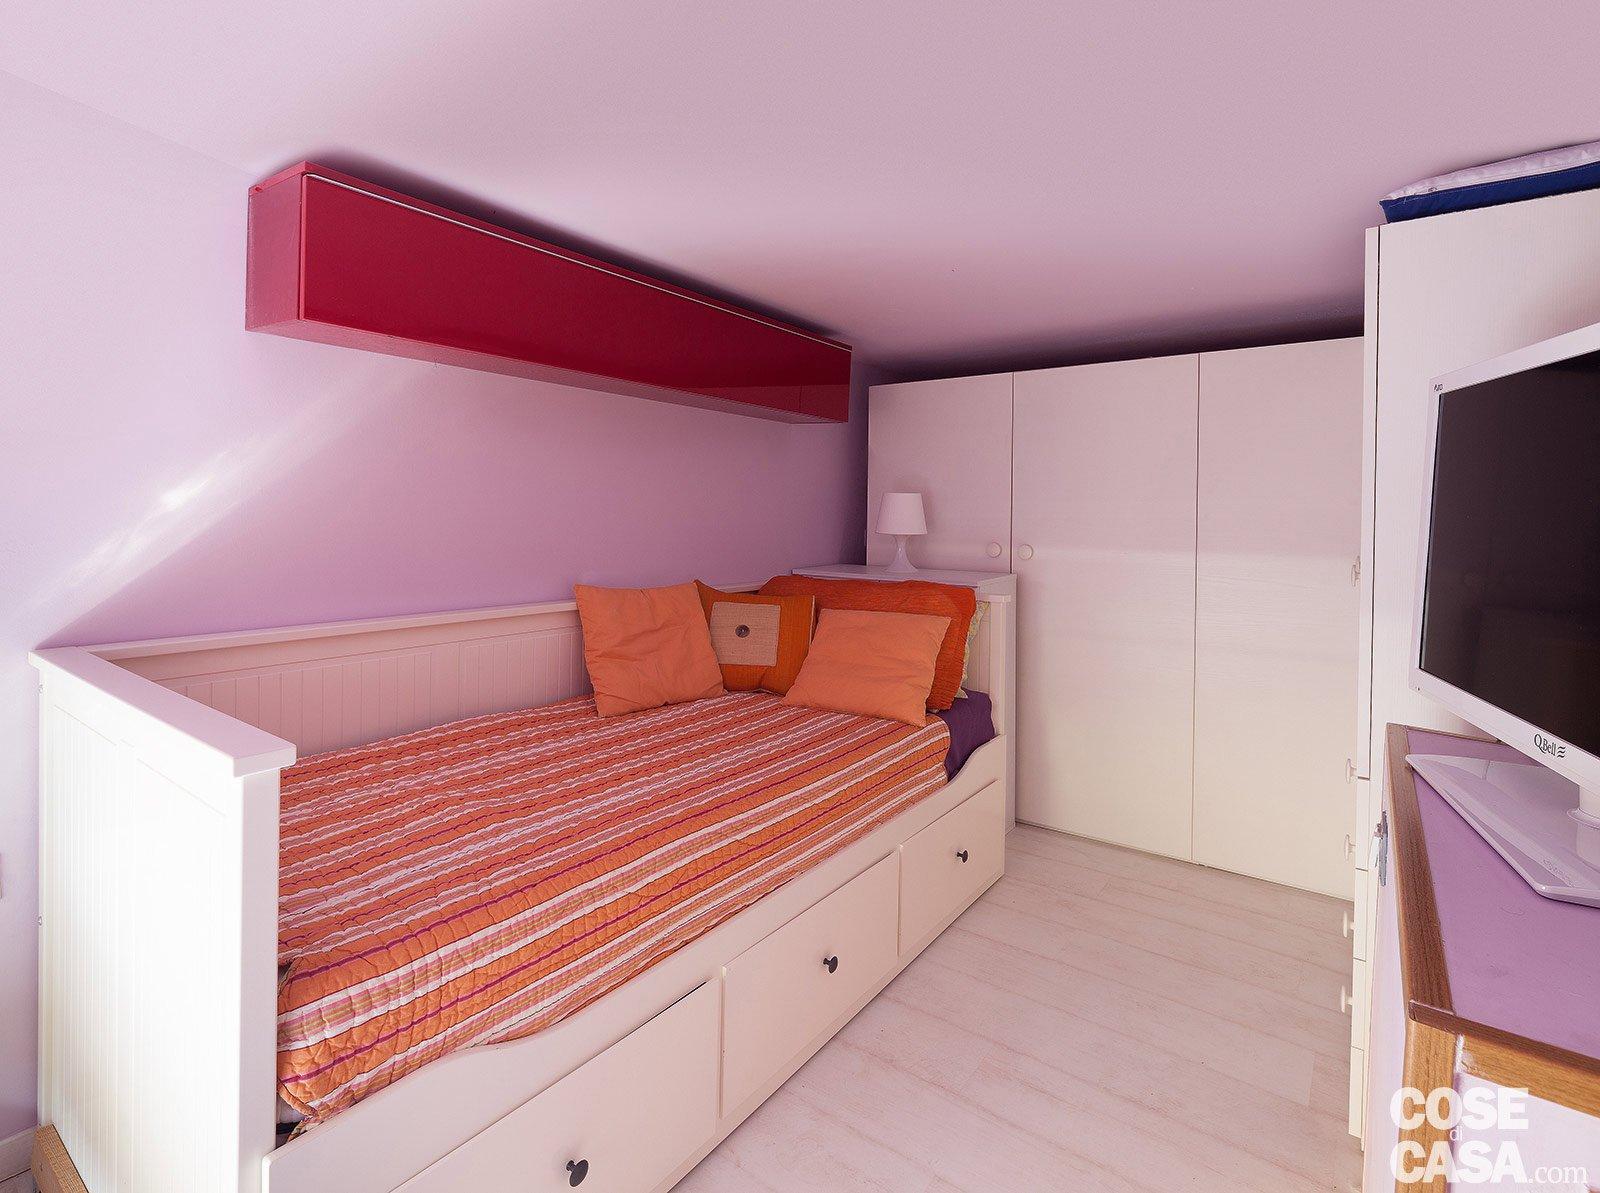 21 mq utilizzati al centimetro cose di casa - Camere da letto singole ikea ...